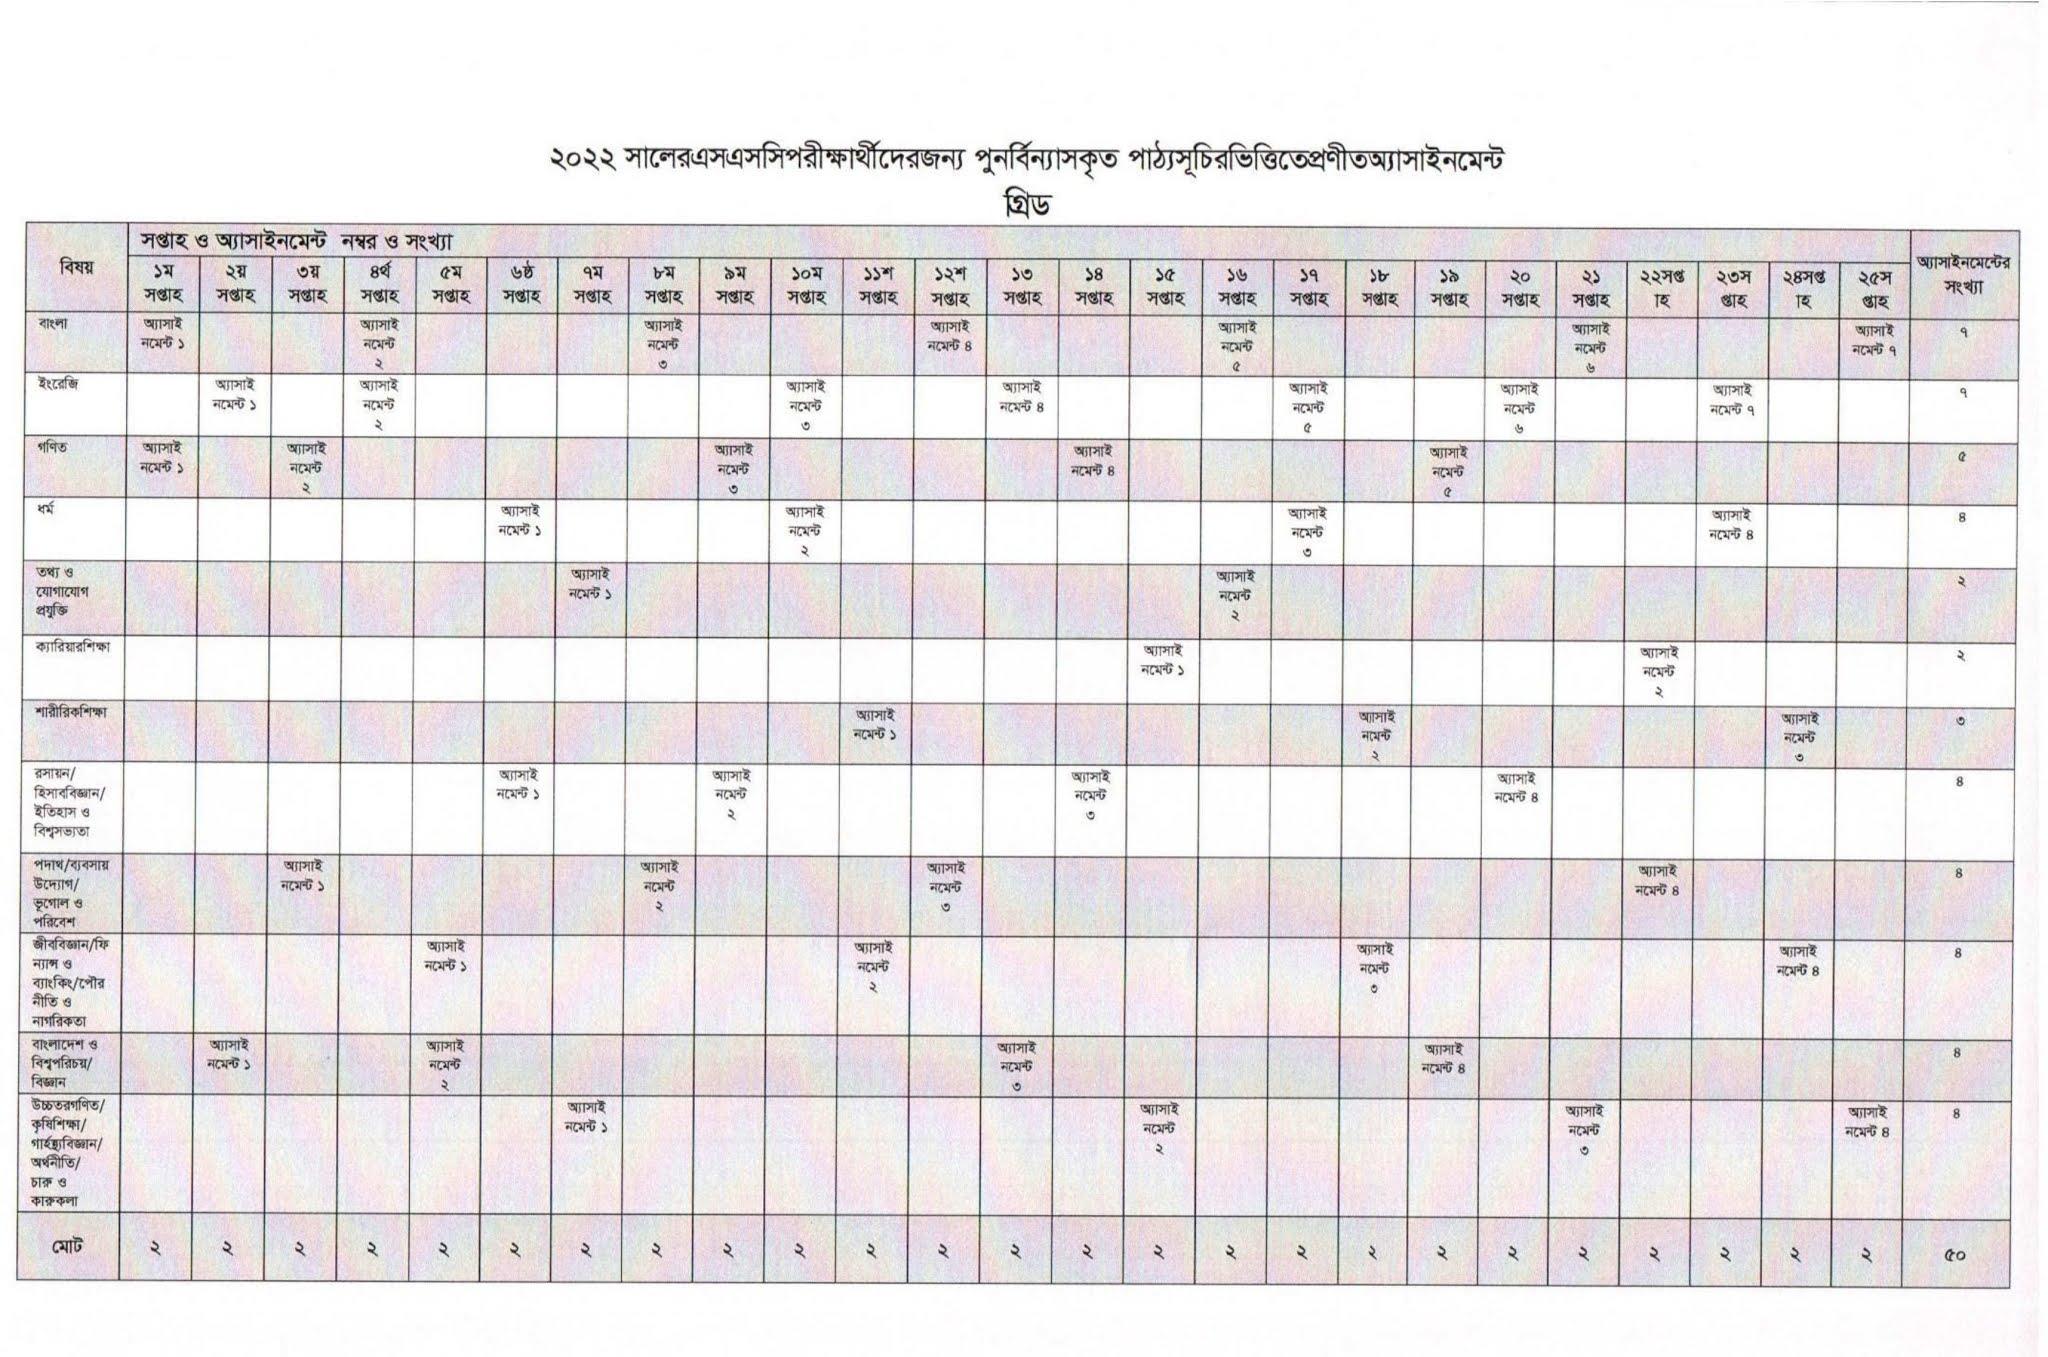 SSC Assignment Solution /Answer 2022 (All Week)-২০২২ সালের এসএসসি পরীক্ষার এসাইনমেন্ট উত্তর ২০২১ ( সকল সপ্তাহ)